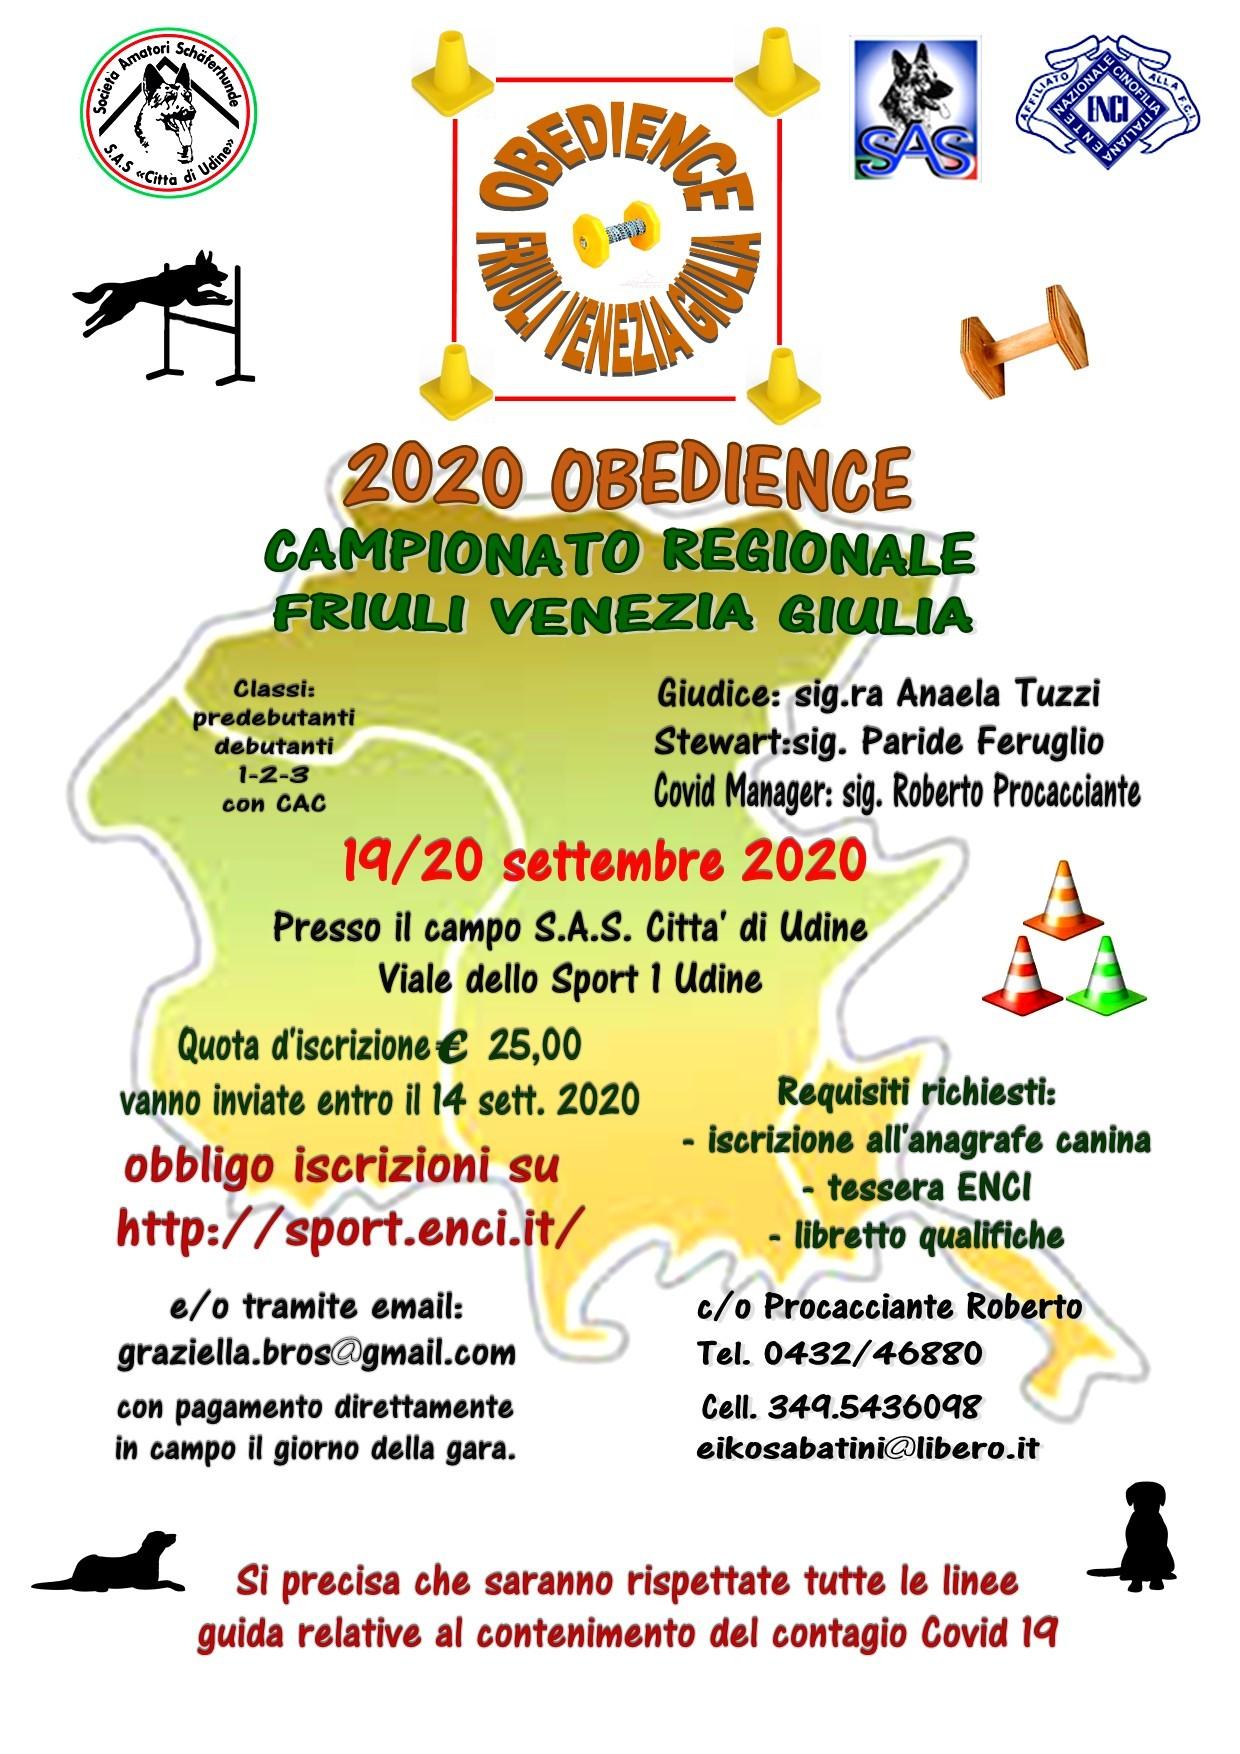 Prova di Obedience Città di Udine